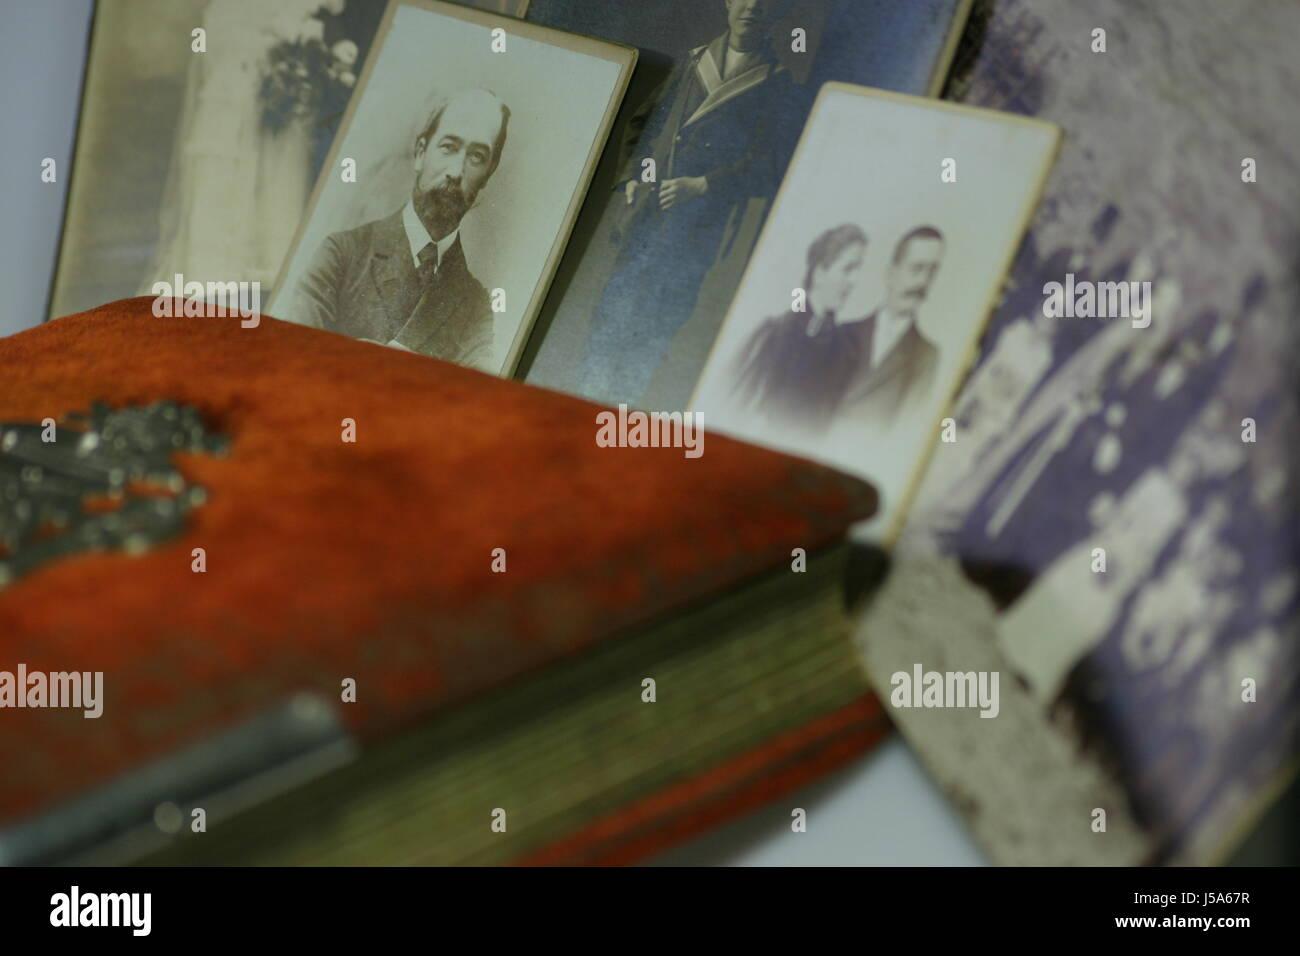 antique nostalgia nostalgic memories forefathers photos memory album genealogy Stock Photo